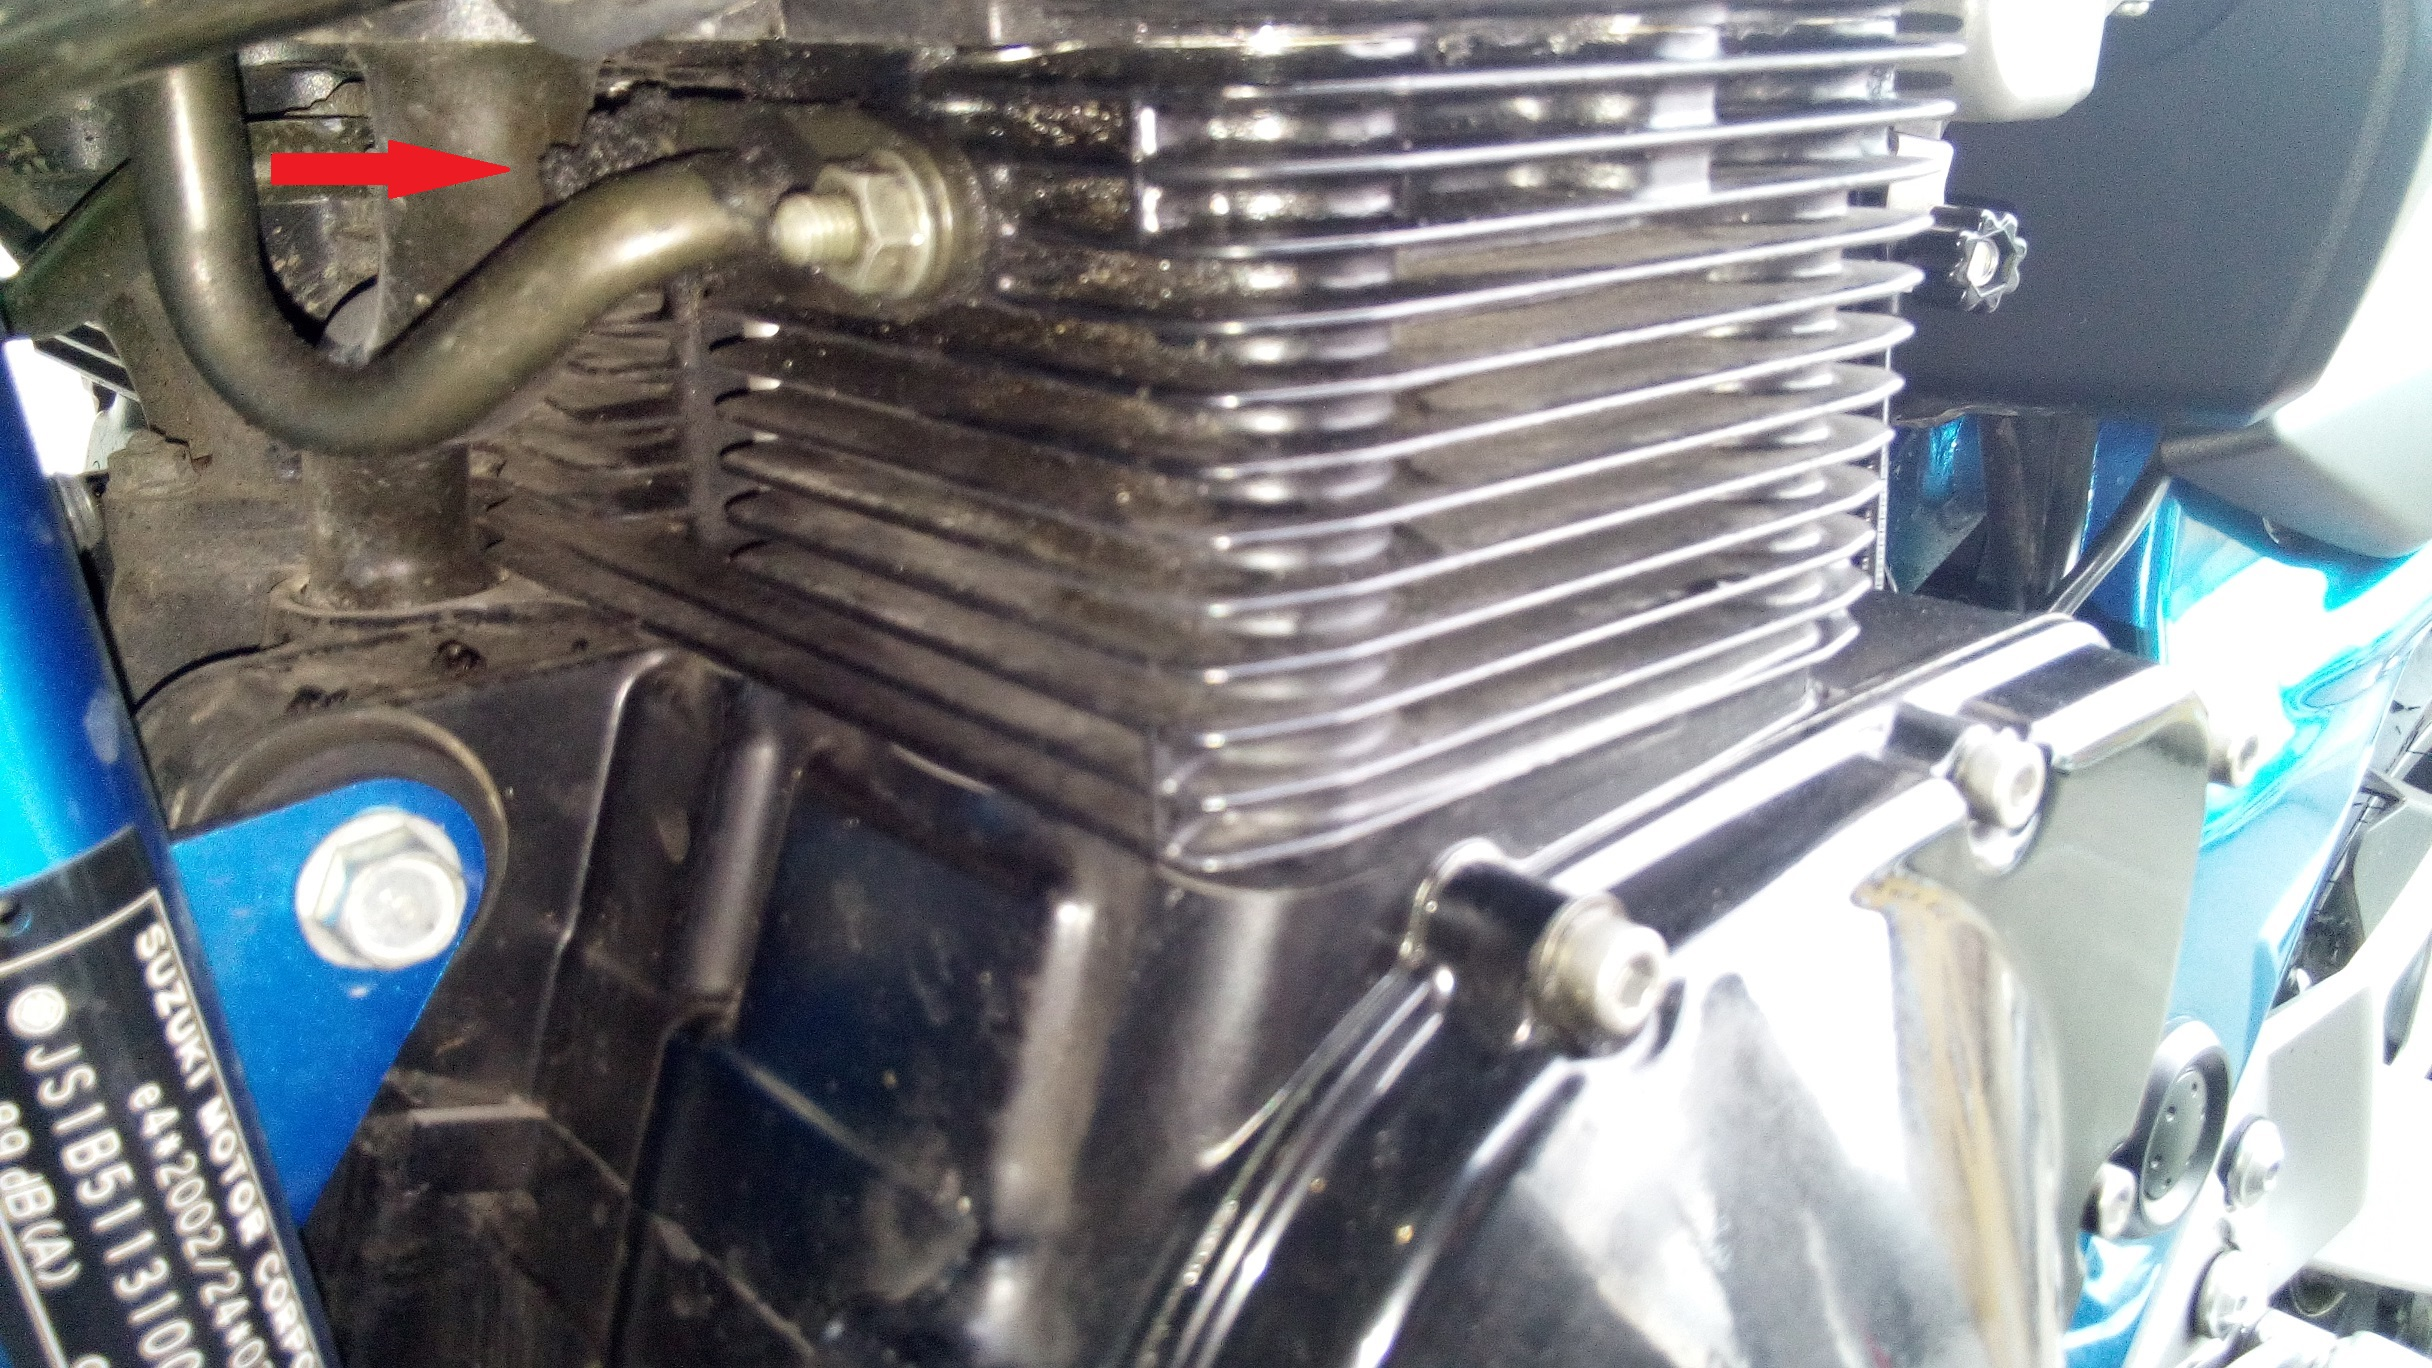 forums probl mes rencontr s et solutions fuites joint moteur moto dur d marrer motos. Black Bedroom Furniture Sets. Home Design Ideas